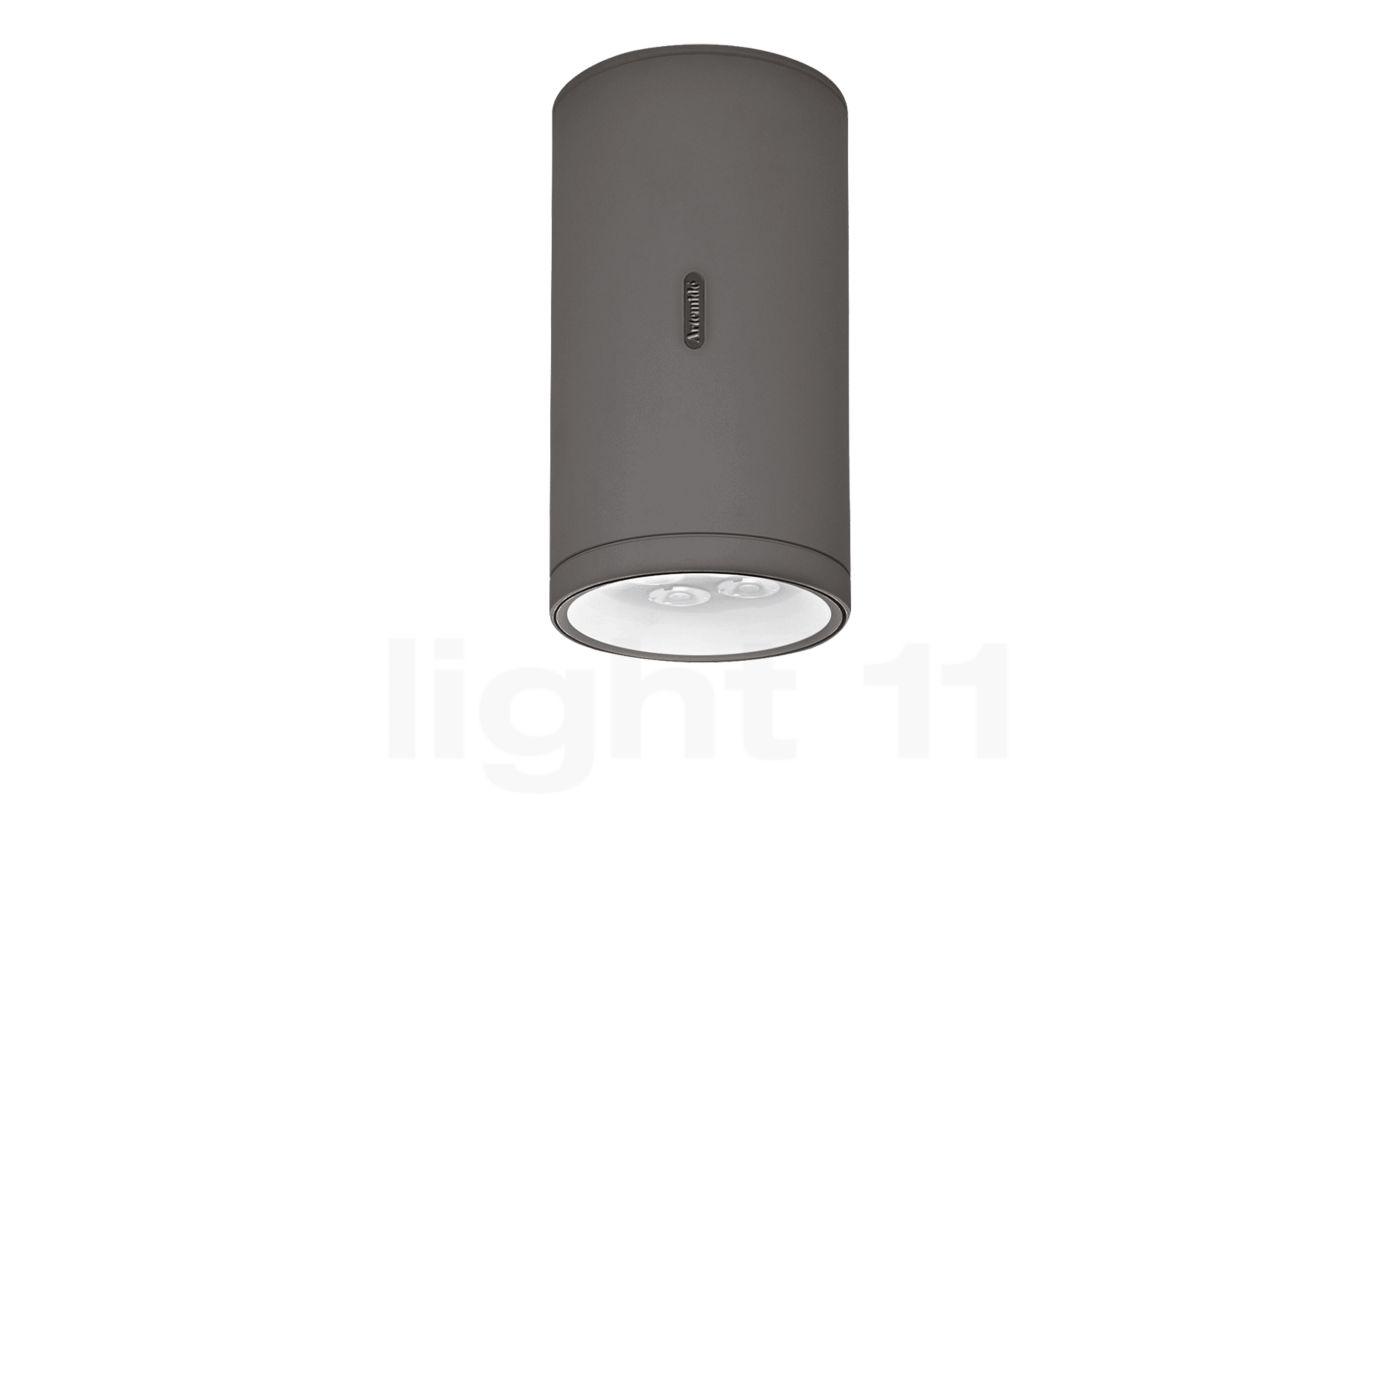 Artemide Calumet Deckenleuchte LED, grau, 22,8 cm T41961LW10